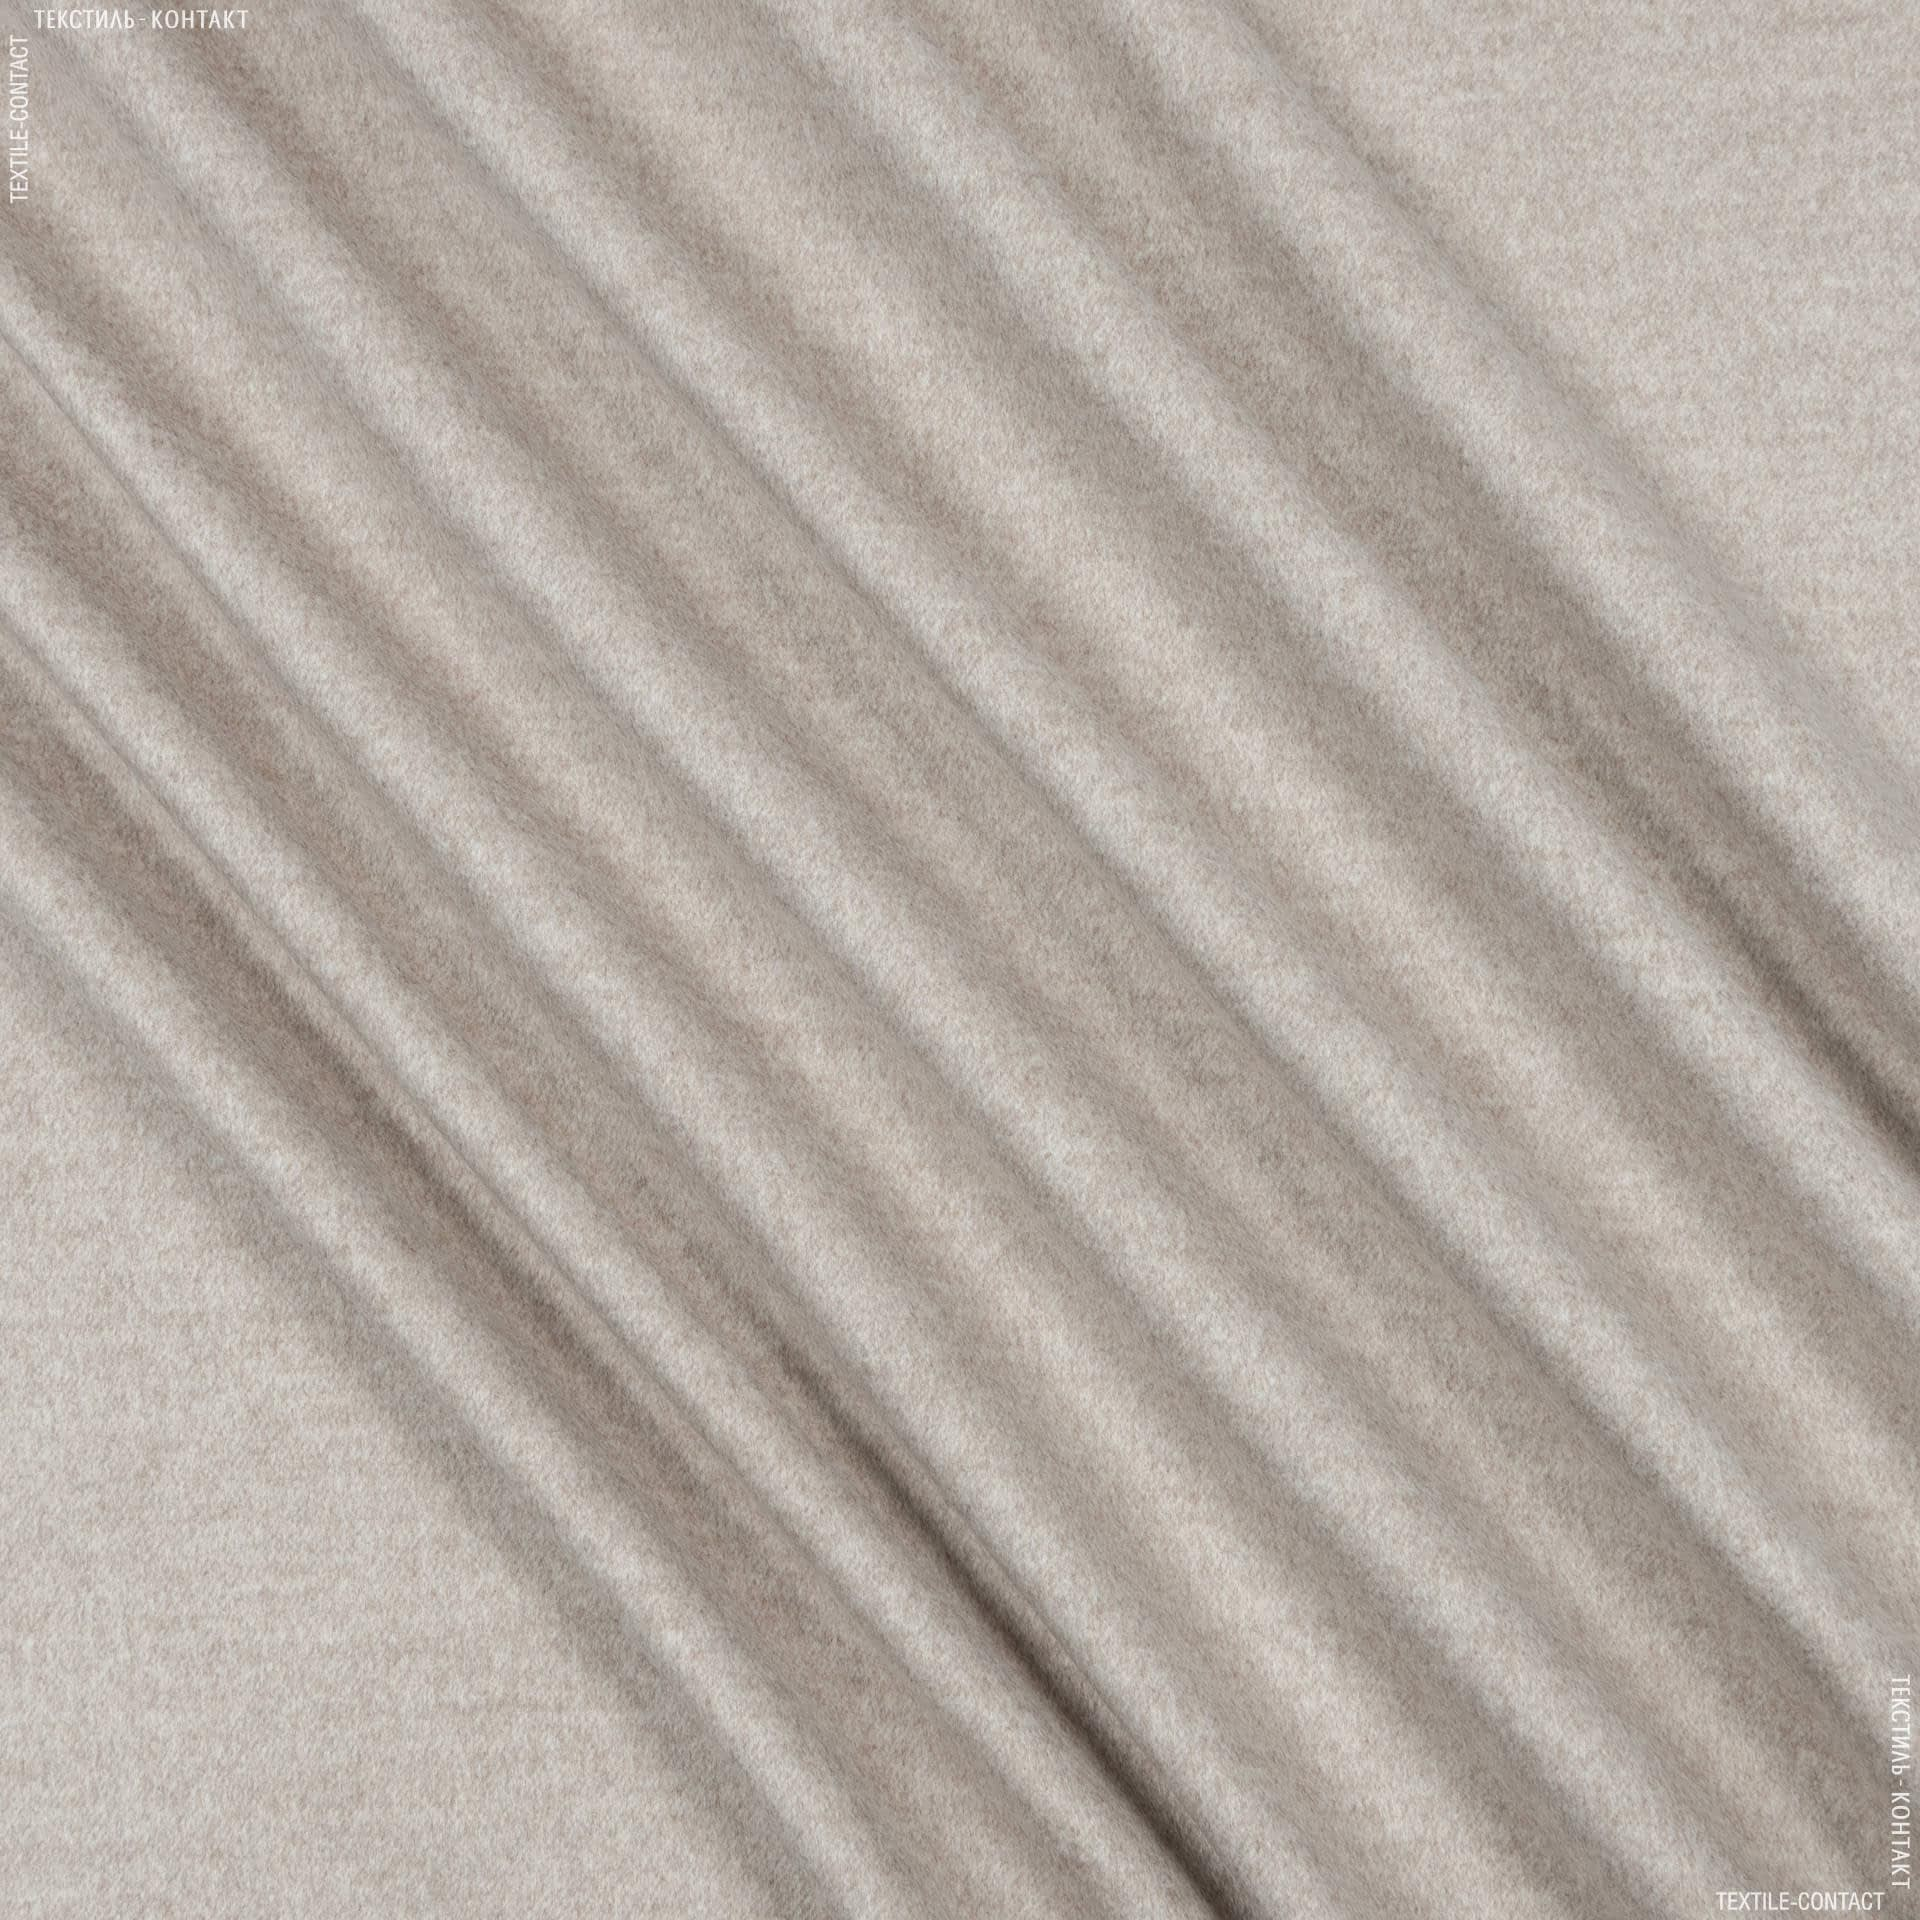 Ткани для верхней одежды - Пальтовая диагональ меланж светло-бежевый